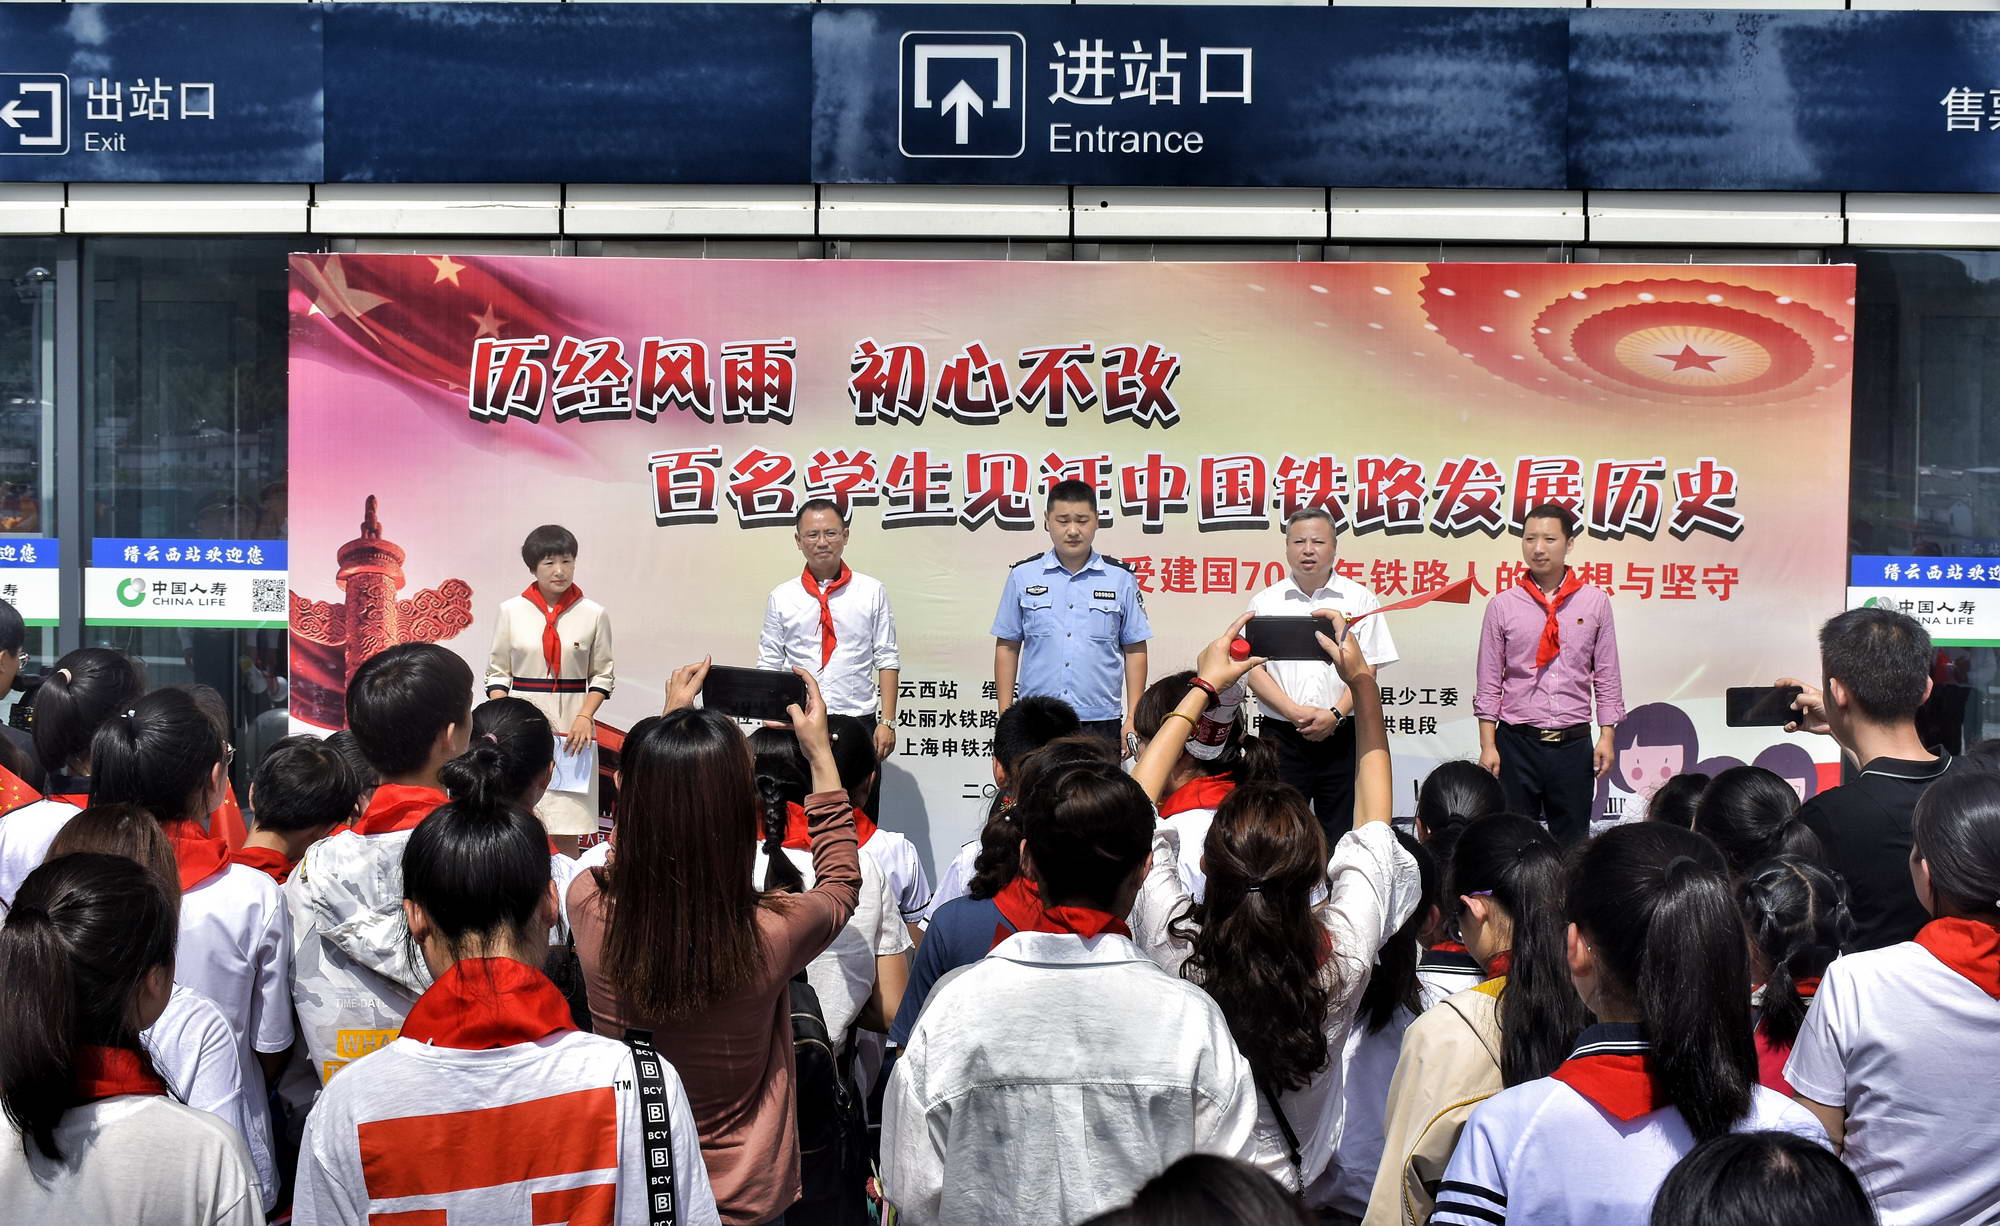 历经风雨 初心不改:百名学生齐聚缙云西站,见证中国铁路发展历程